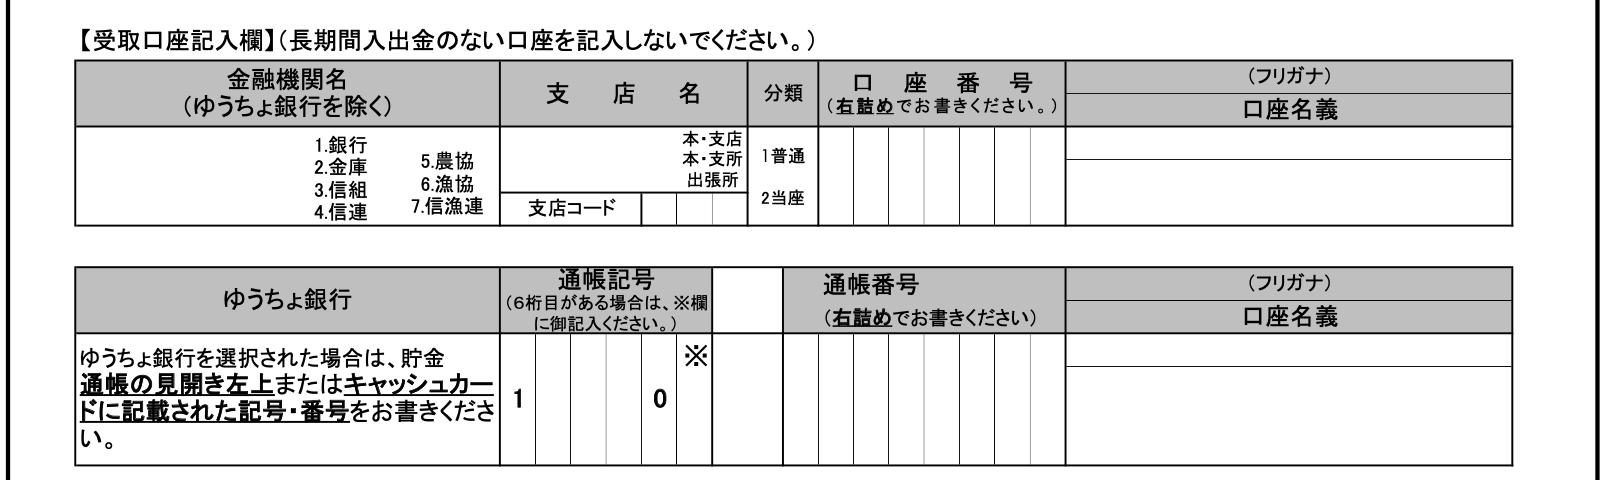 ゆうちょ 通帳 見方